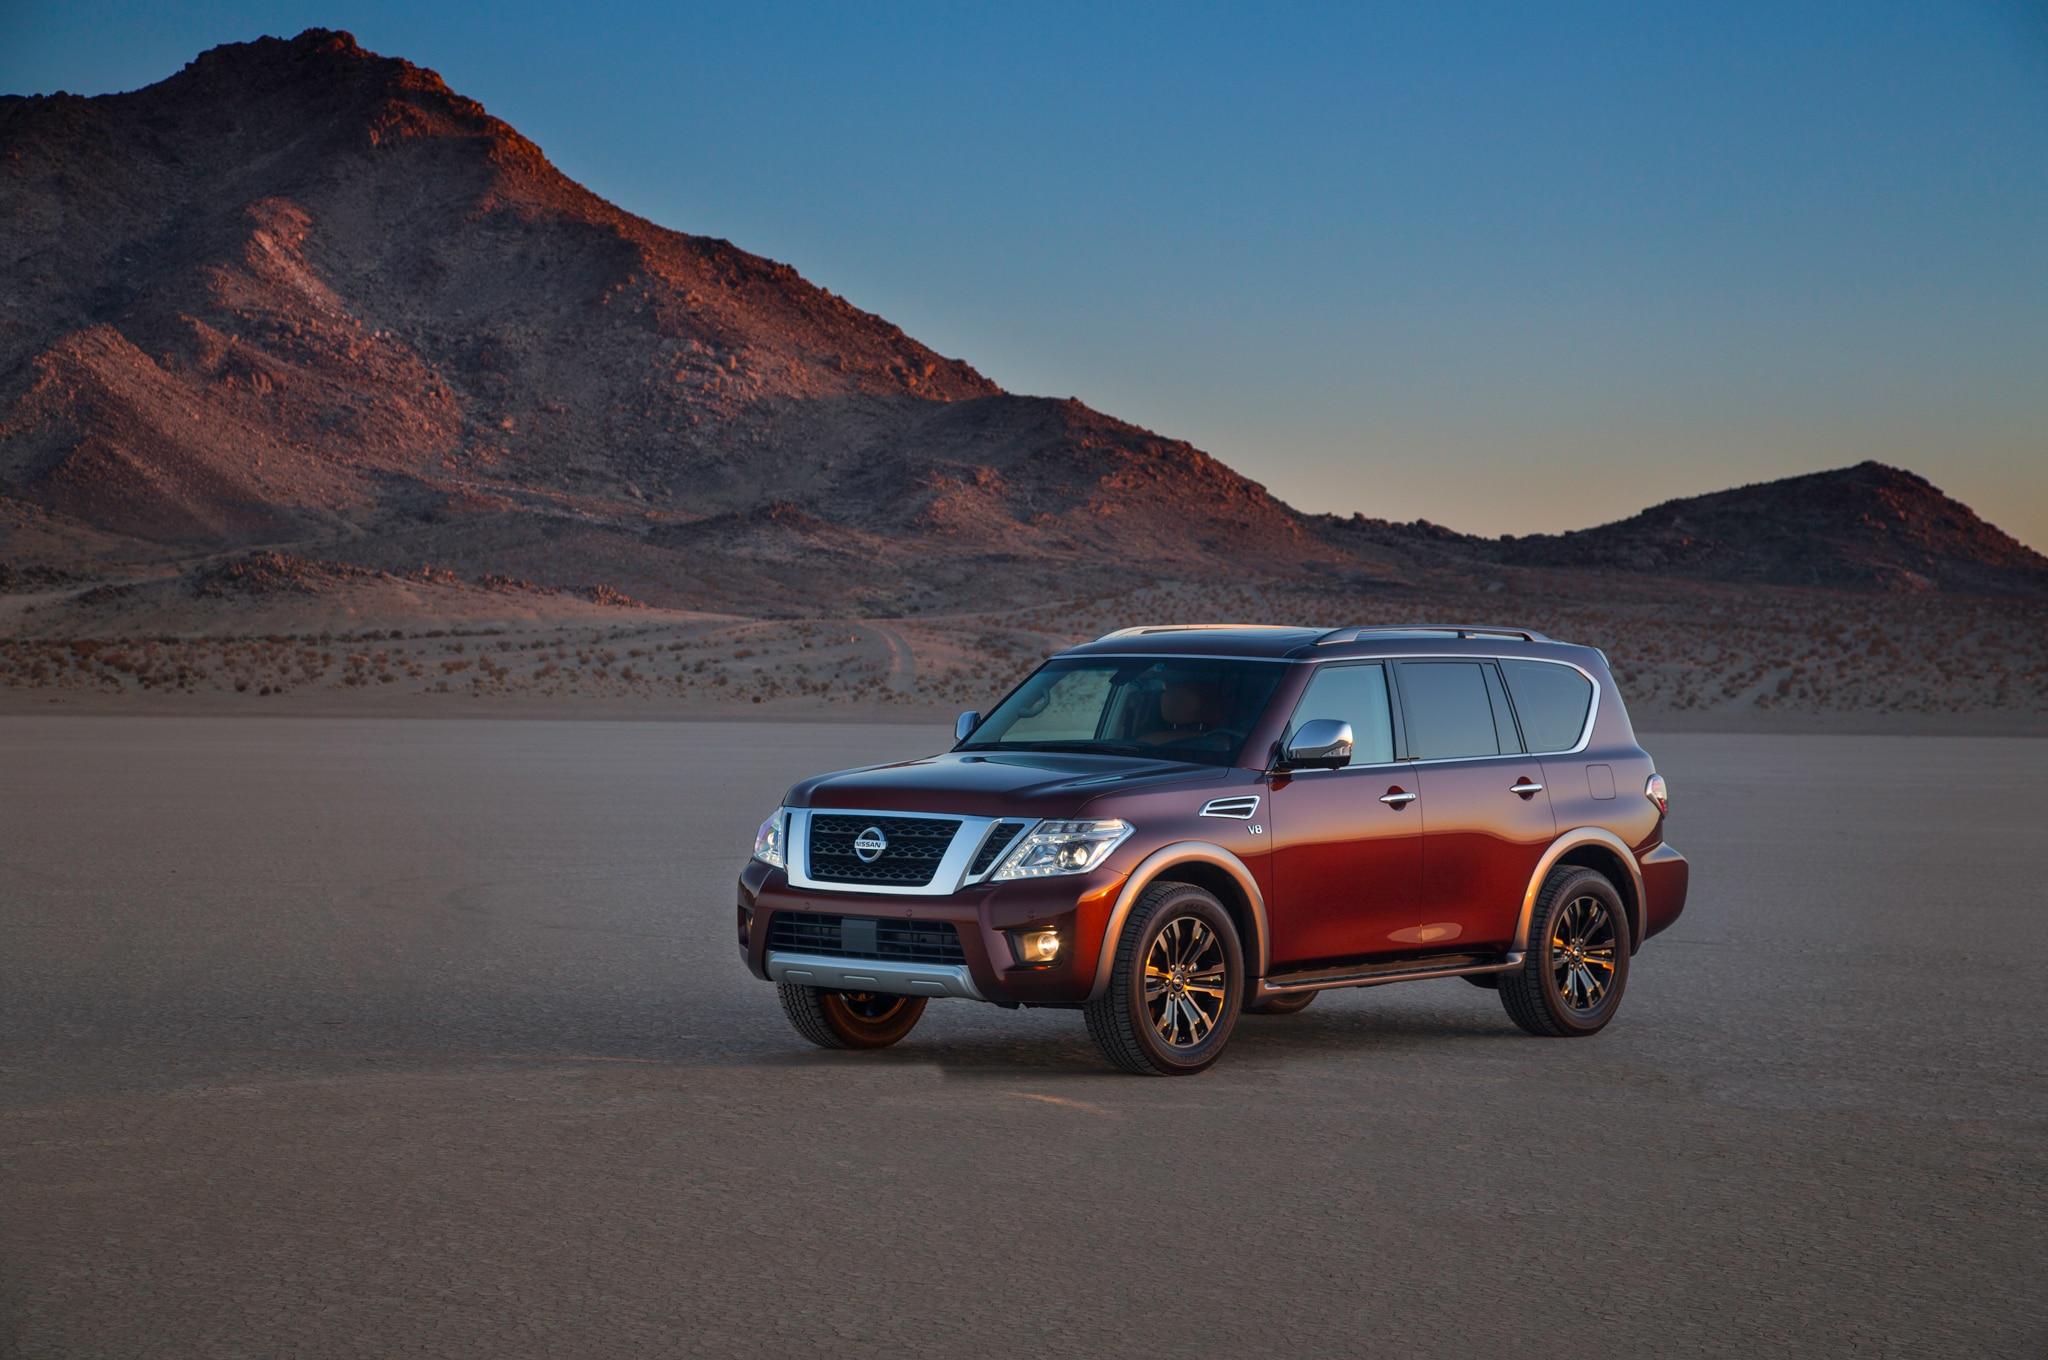 2017 Nissan Armada Takes On the Toyota Land Cruiser